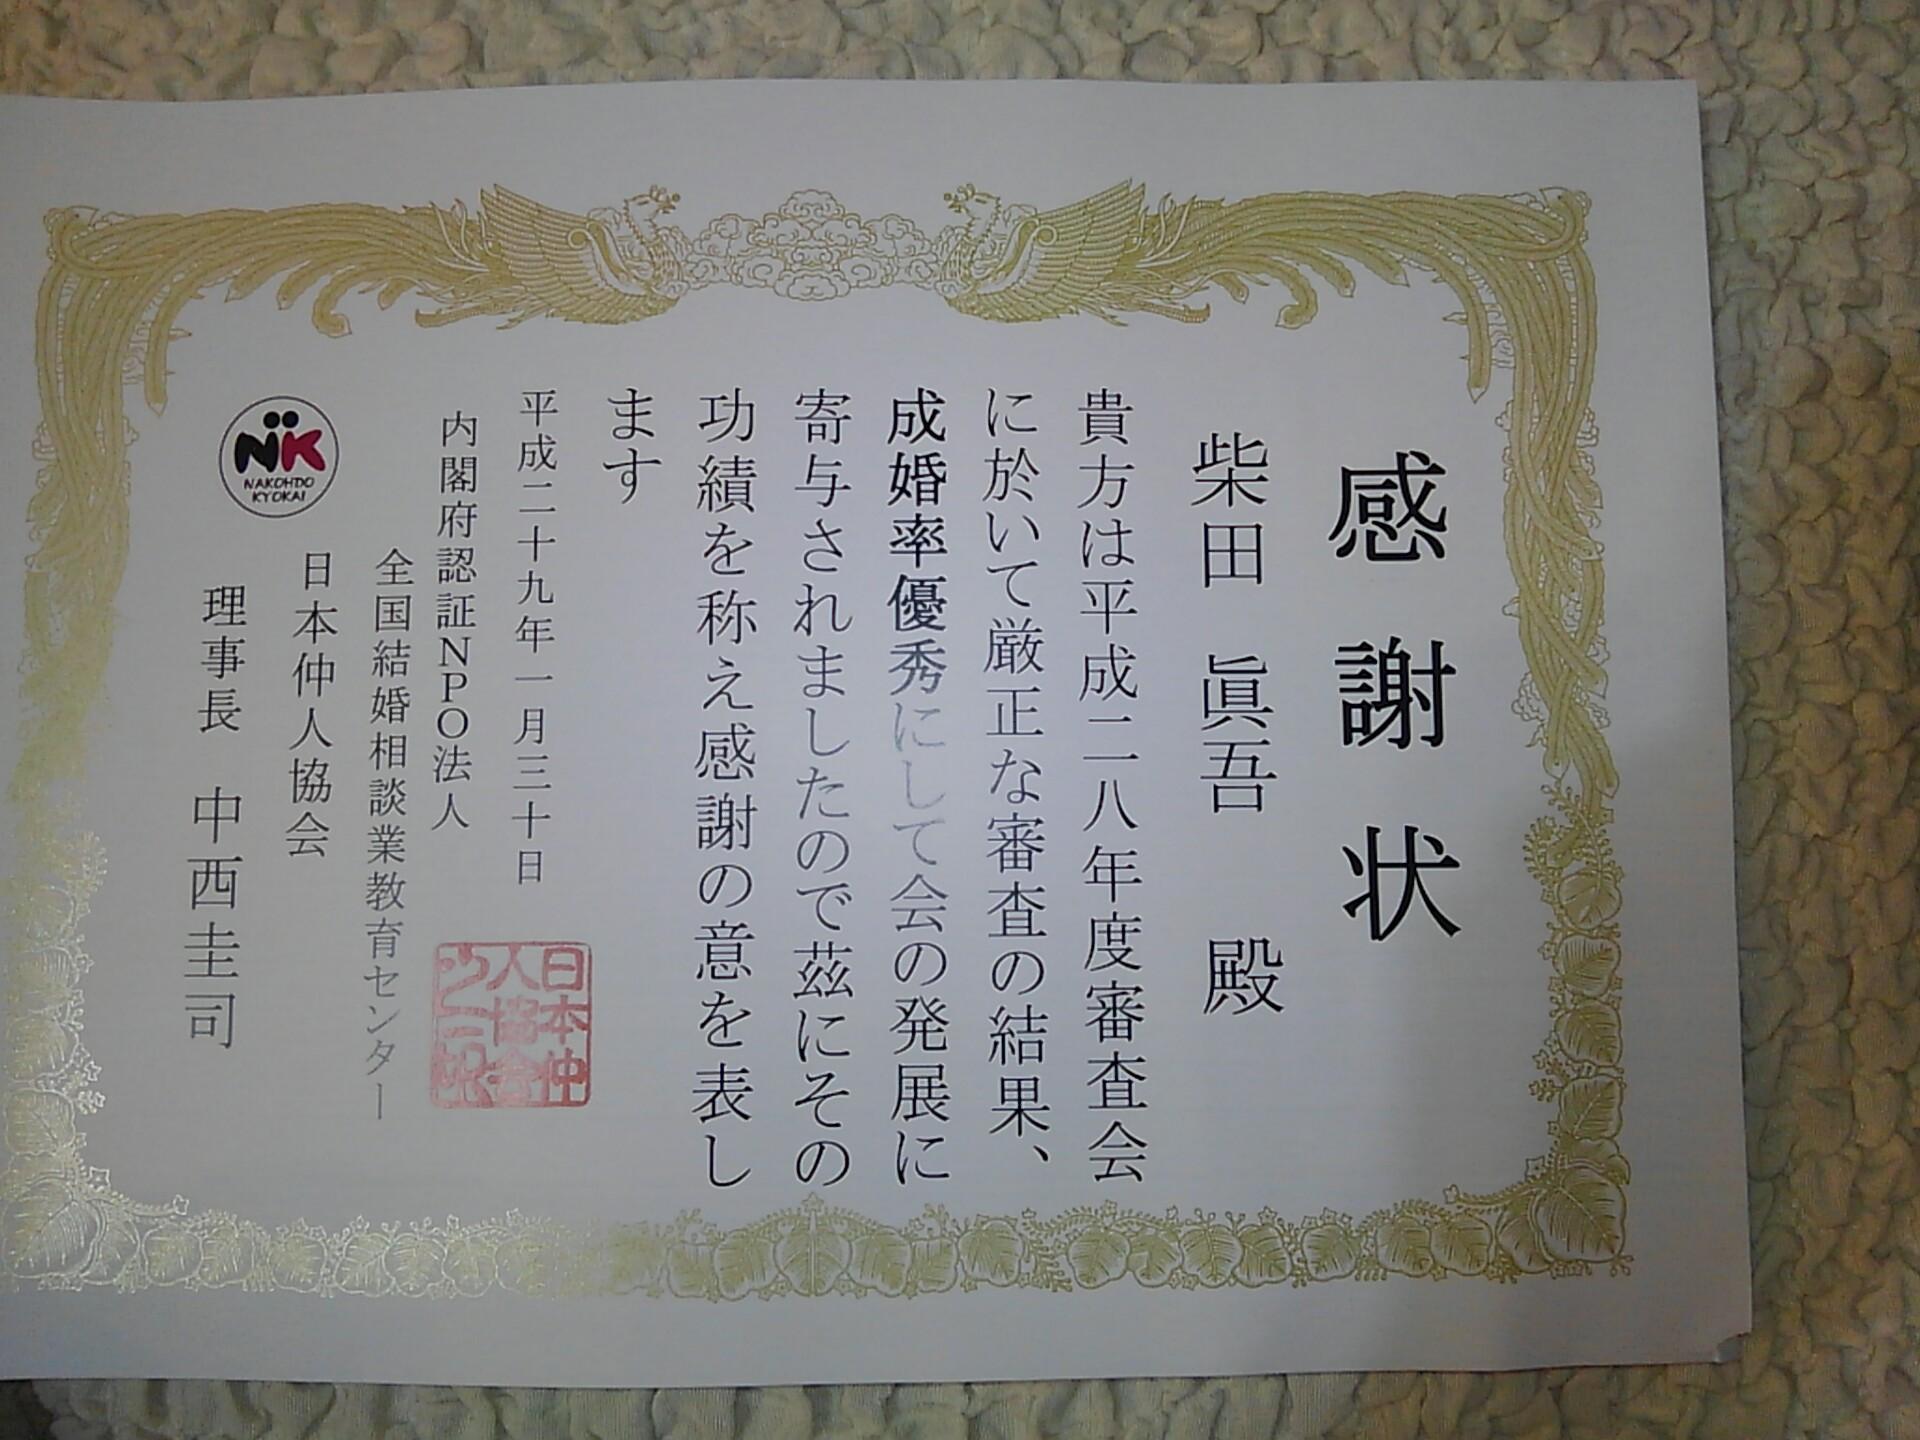 全力仲人しばた【船橋・東京結婚相談所】